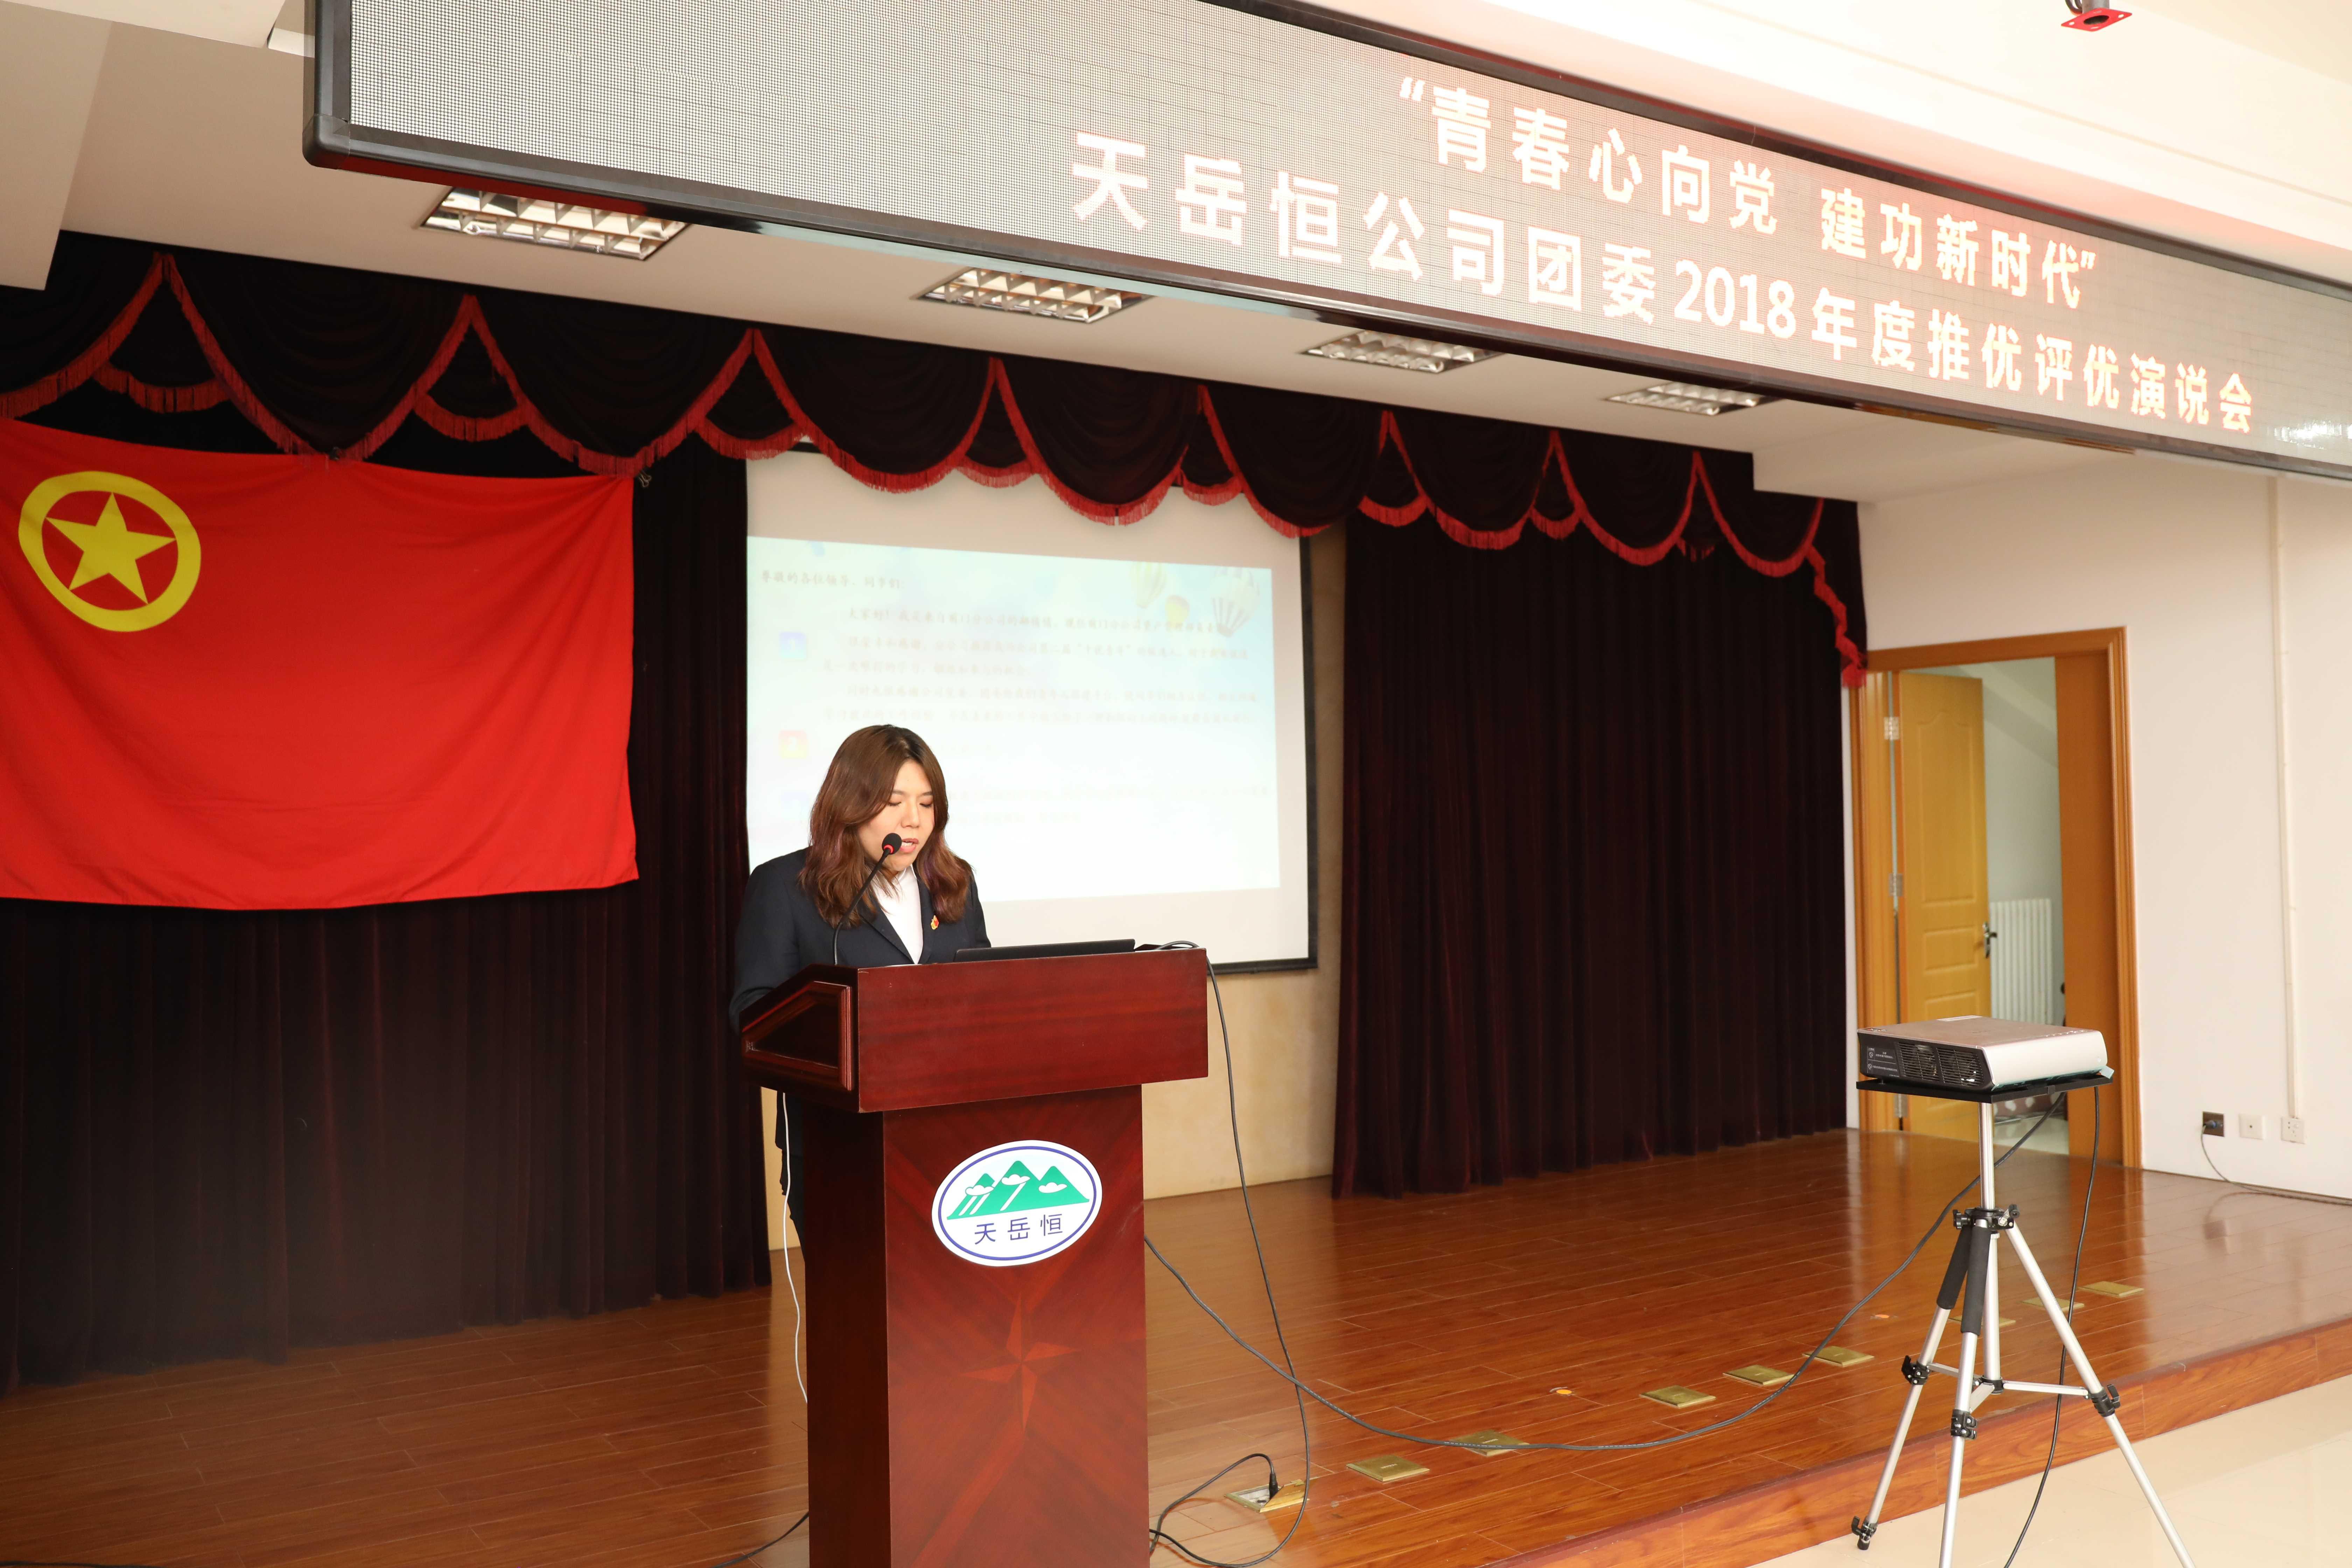 2018年度十优青年-7.前门分公司资产管理部郝倩倩